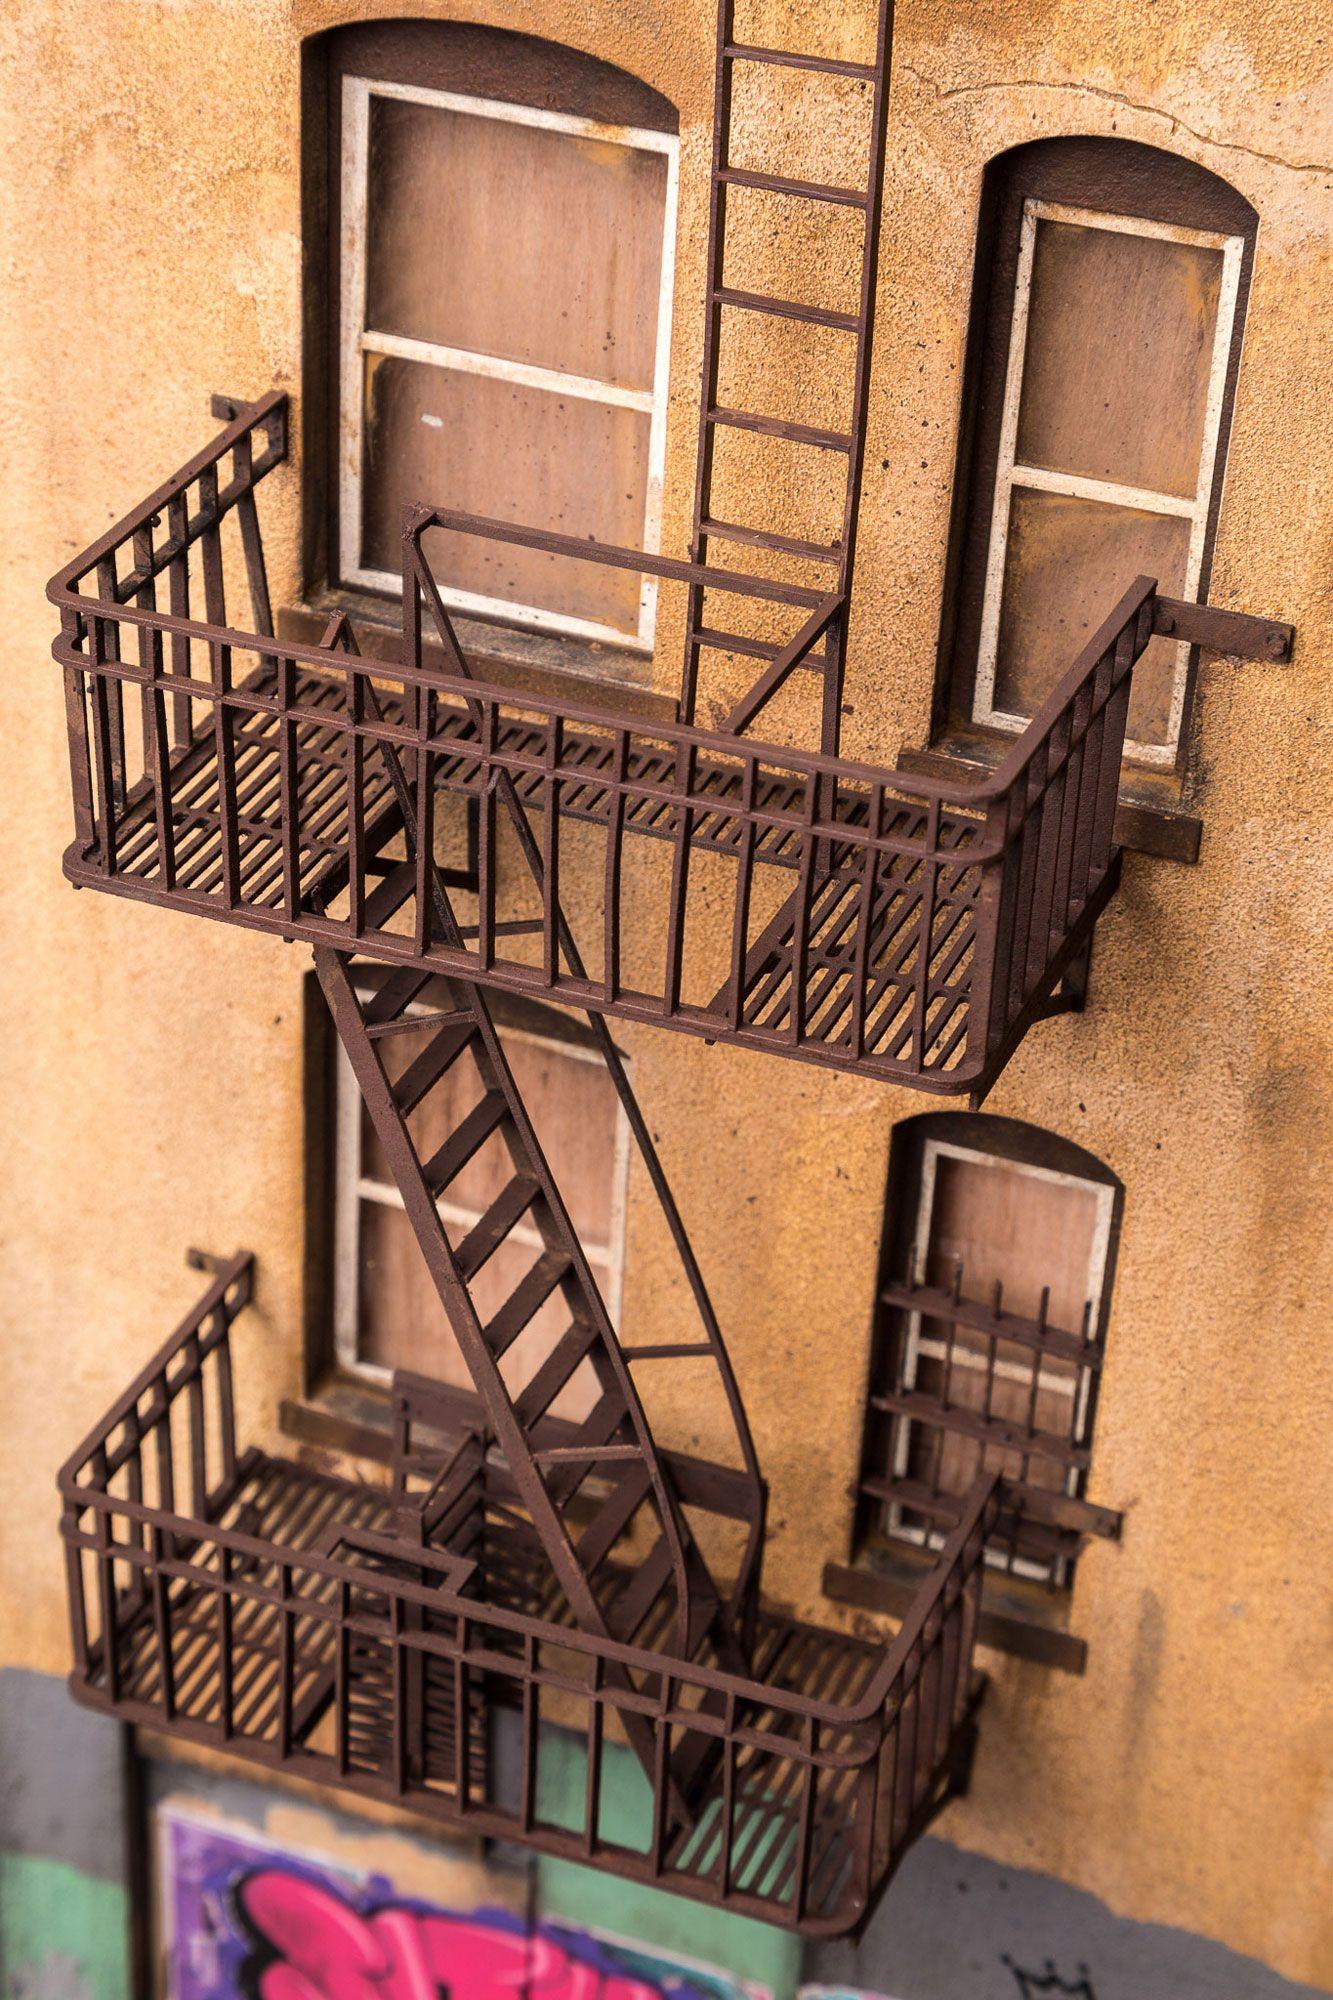 cherish imgchilli.net imagesize:1333x2000 $$ Dioramas